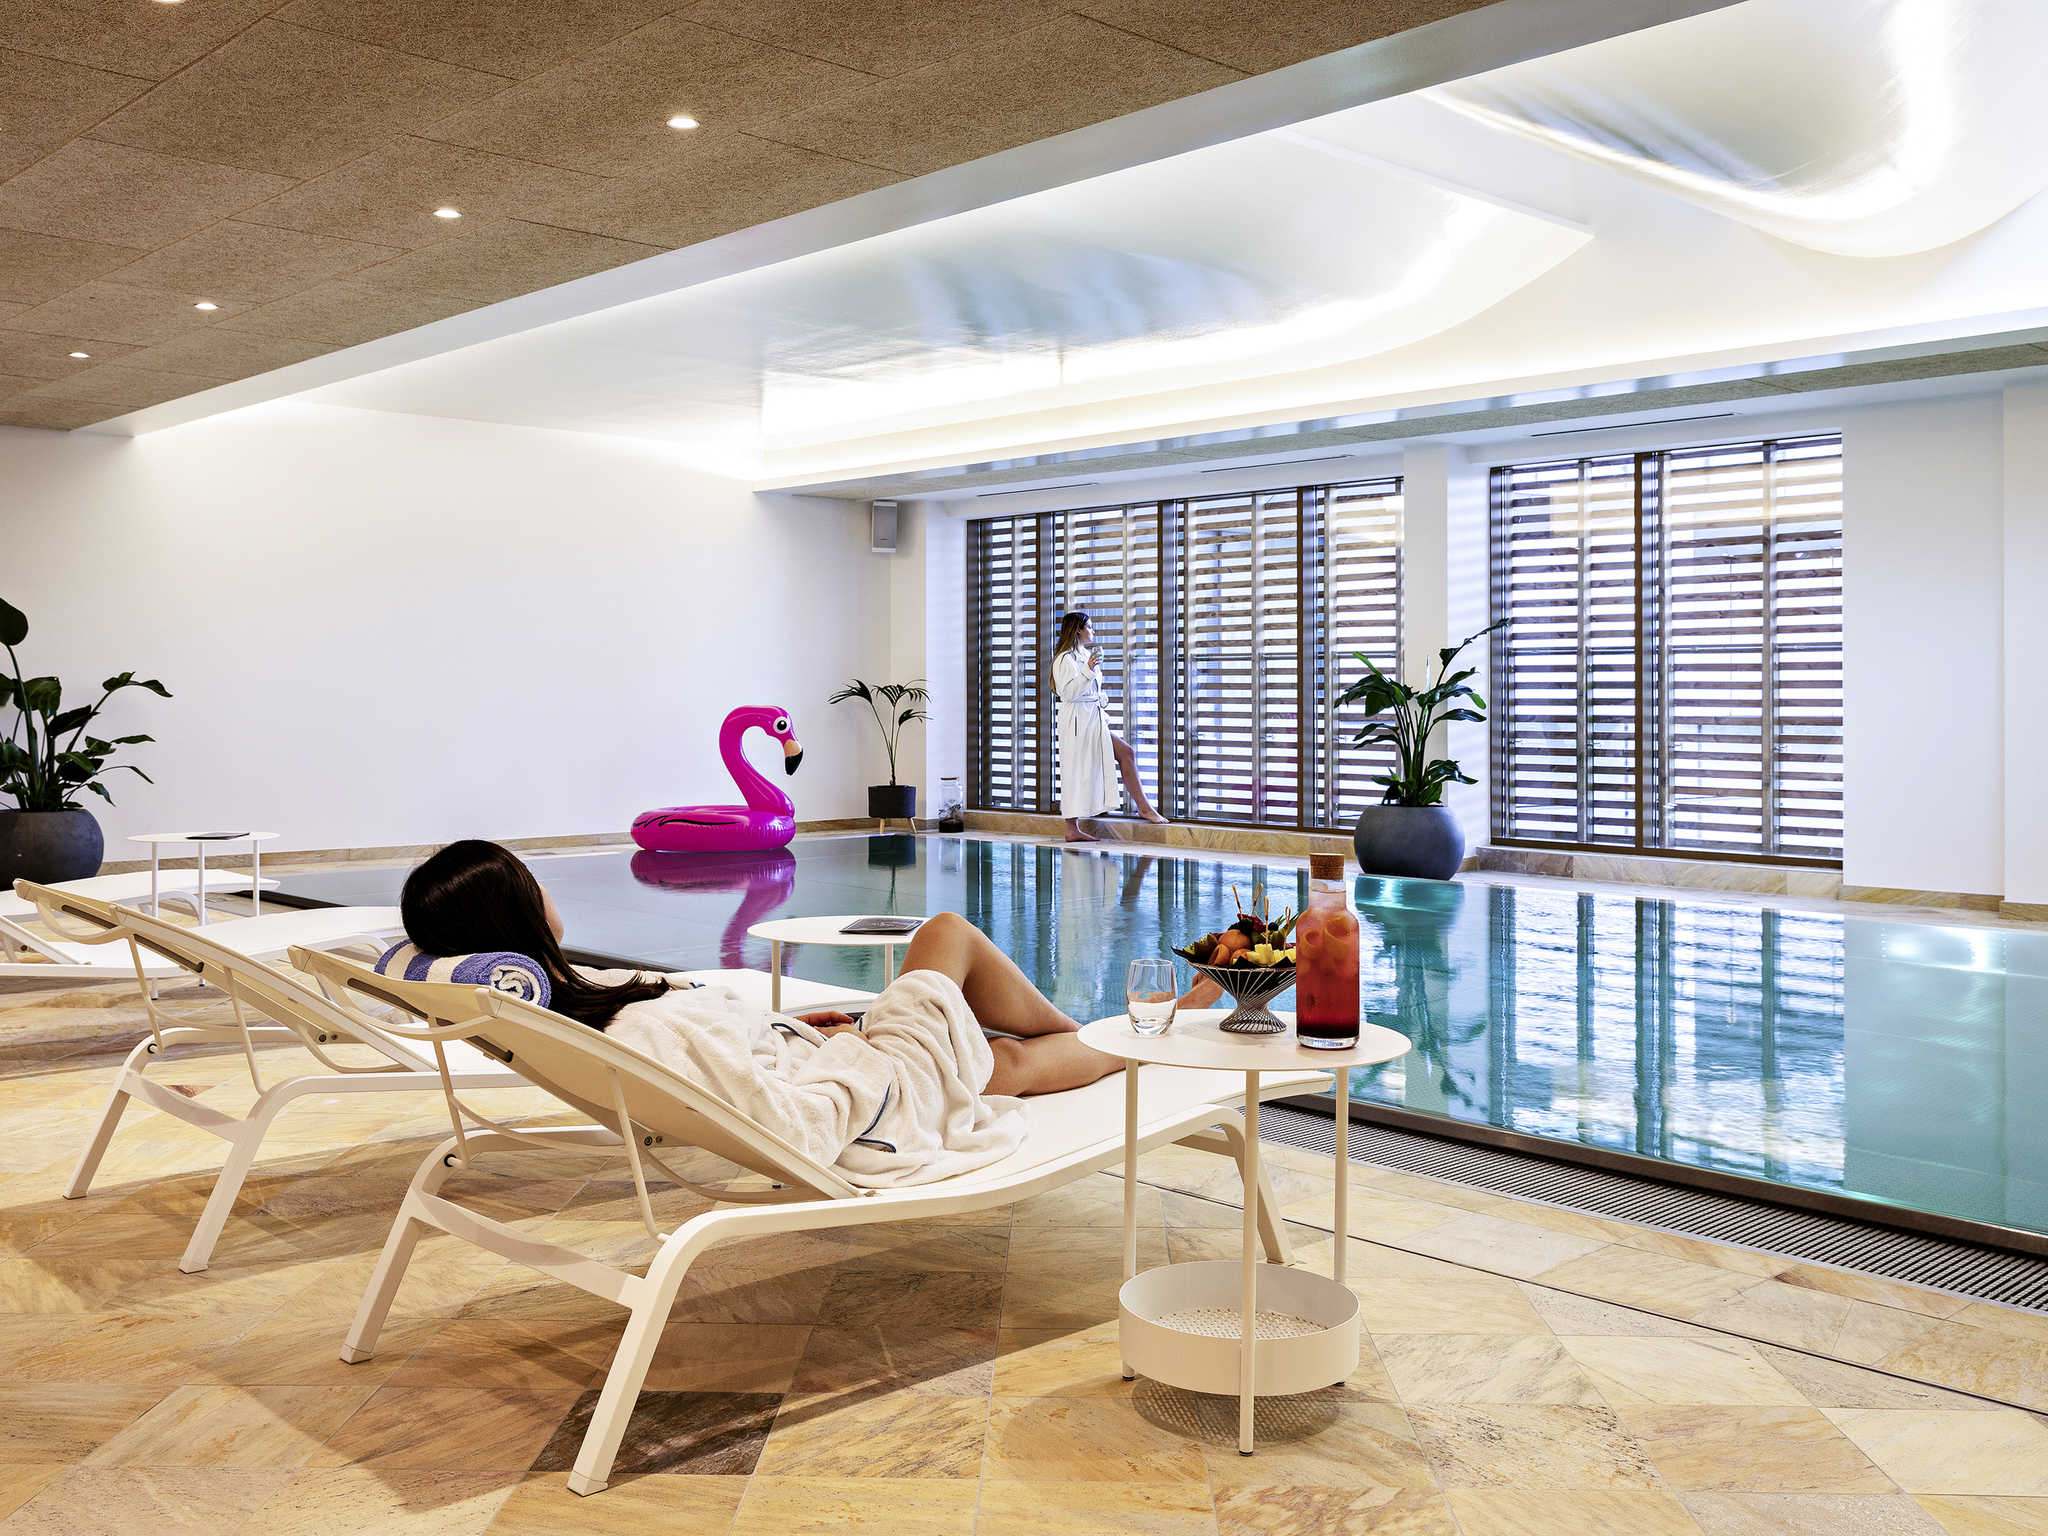 โรงแรม – พูลแมน ปารีส เซ็นเตอร์ แบร์ซี